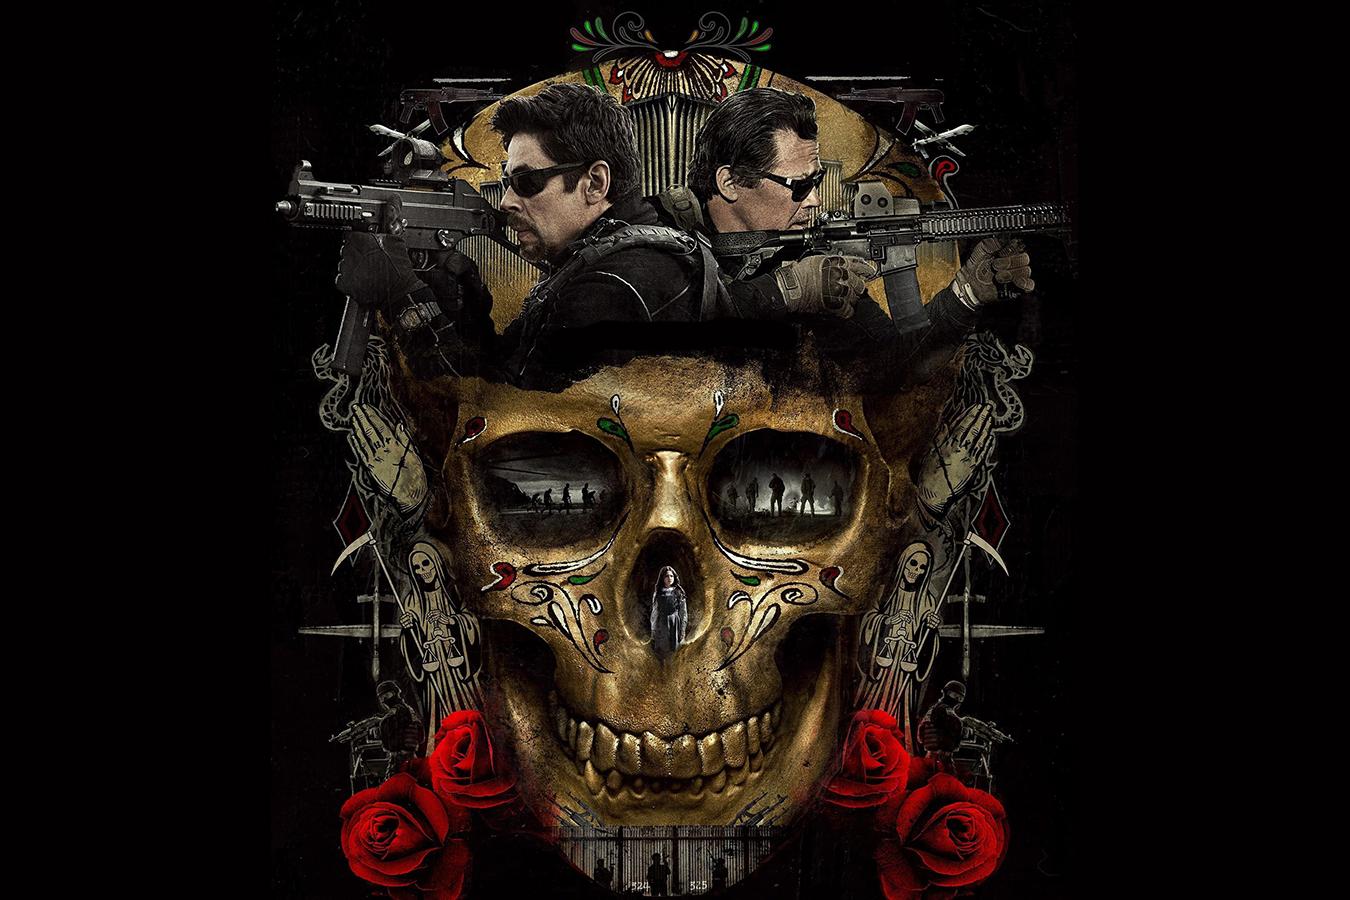 بررسی Sicario: Day of the Soldado؛ روایتی فوقالعاده از ترور در مرزهای مکزیک